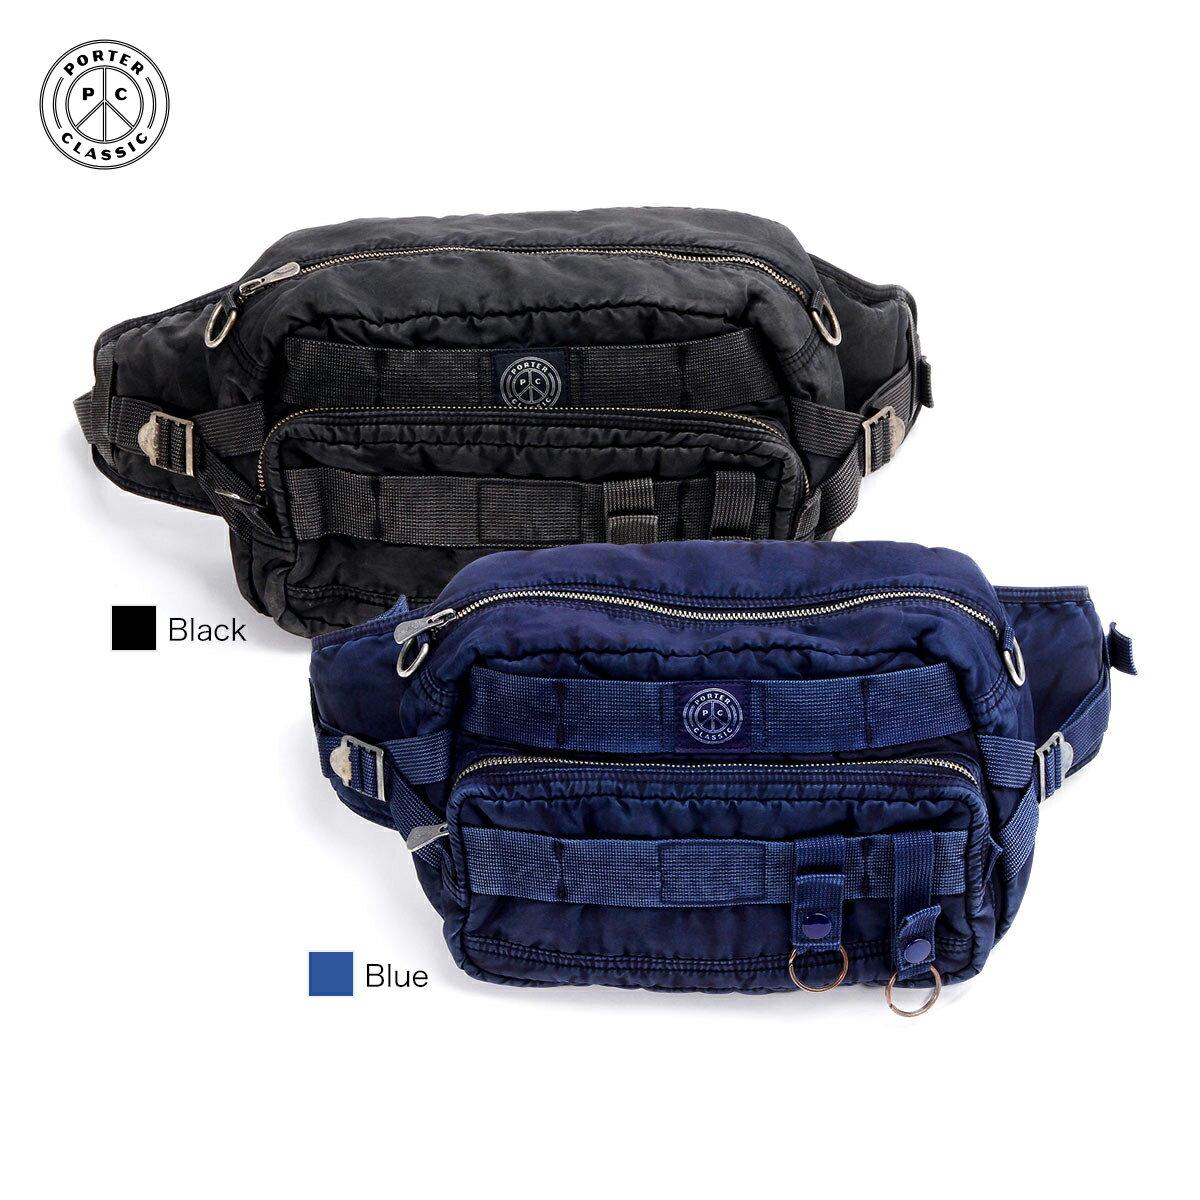 メンズバッグ, ボディバッグ・ウエストポーチ  WAIST BAG SUPER NYLON Porter Classic 015-272